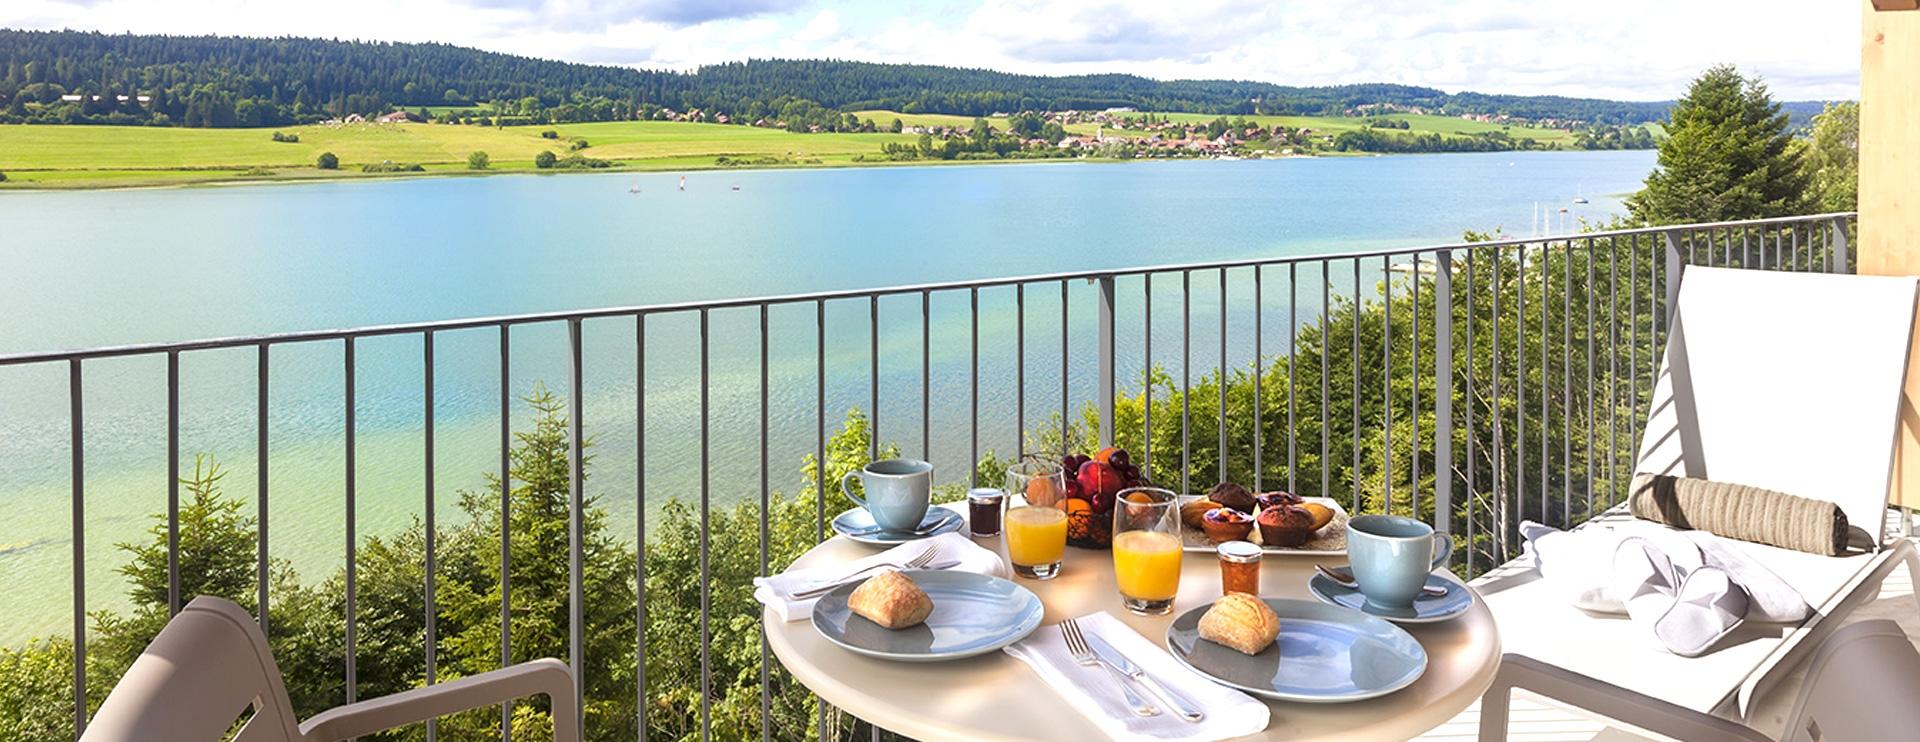 Balcon suite hôtel spa dans le Haut-Doubs